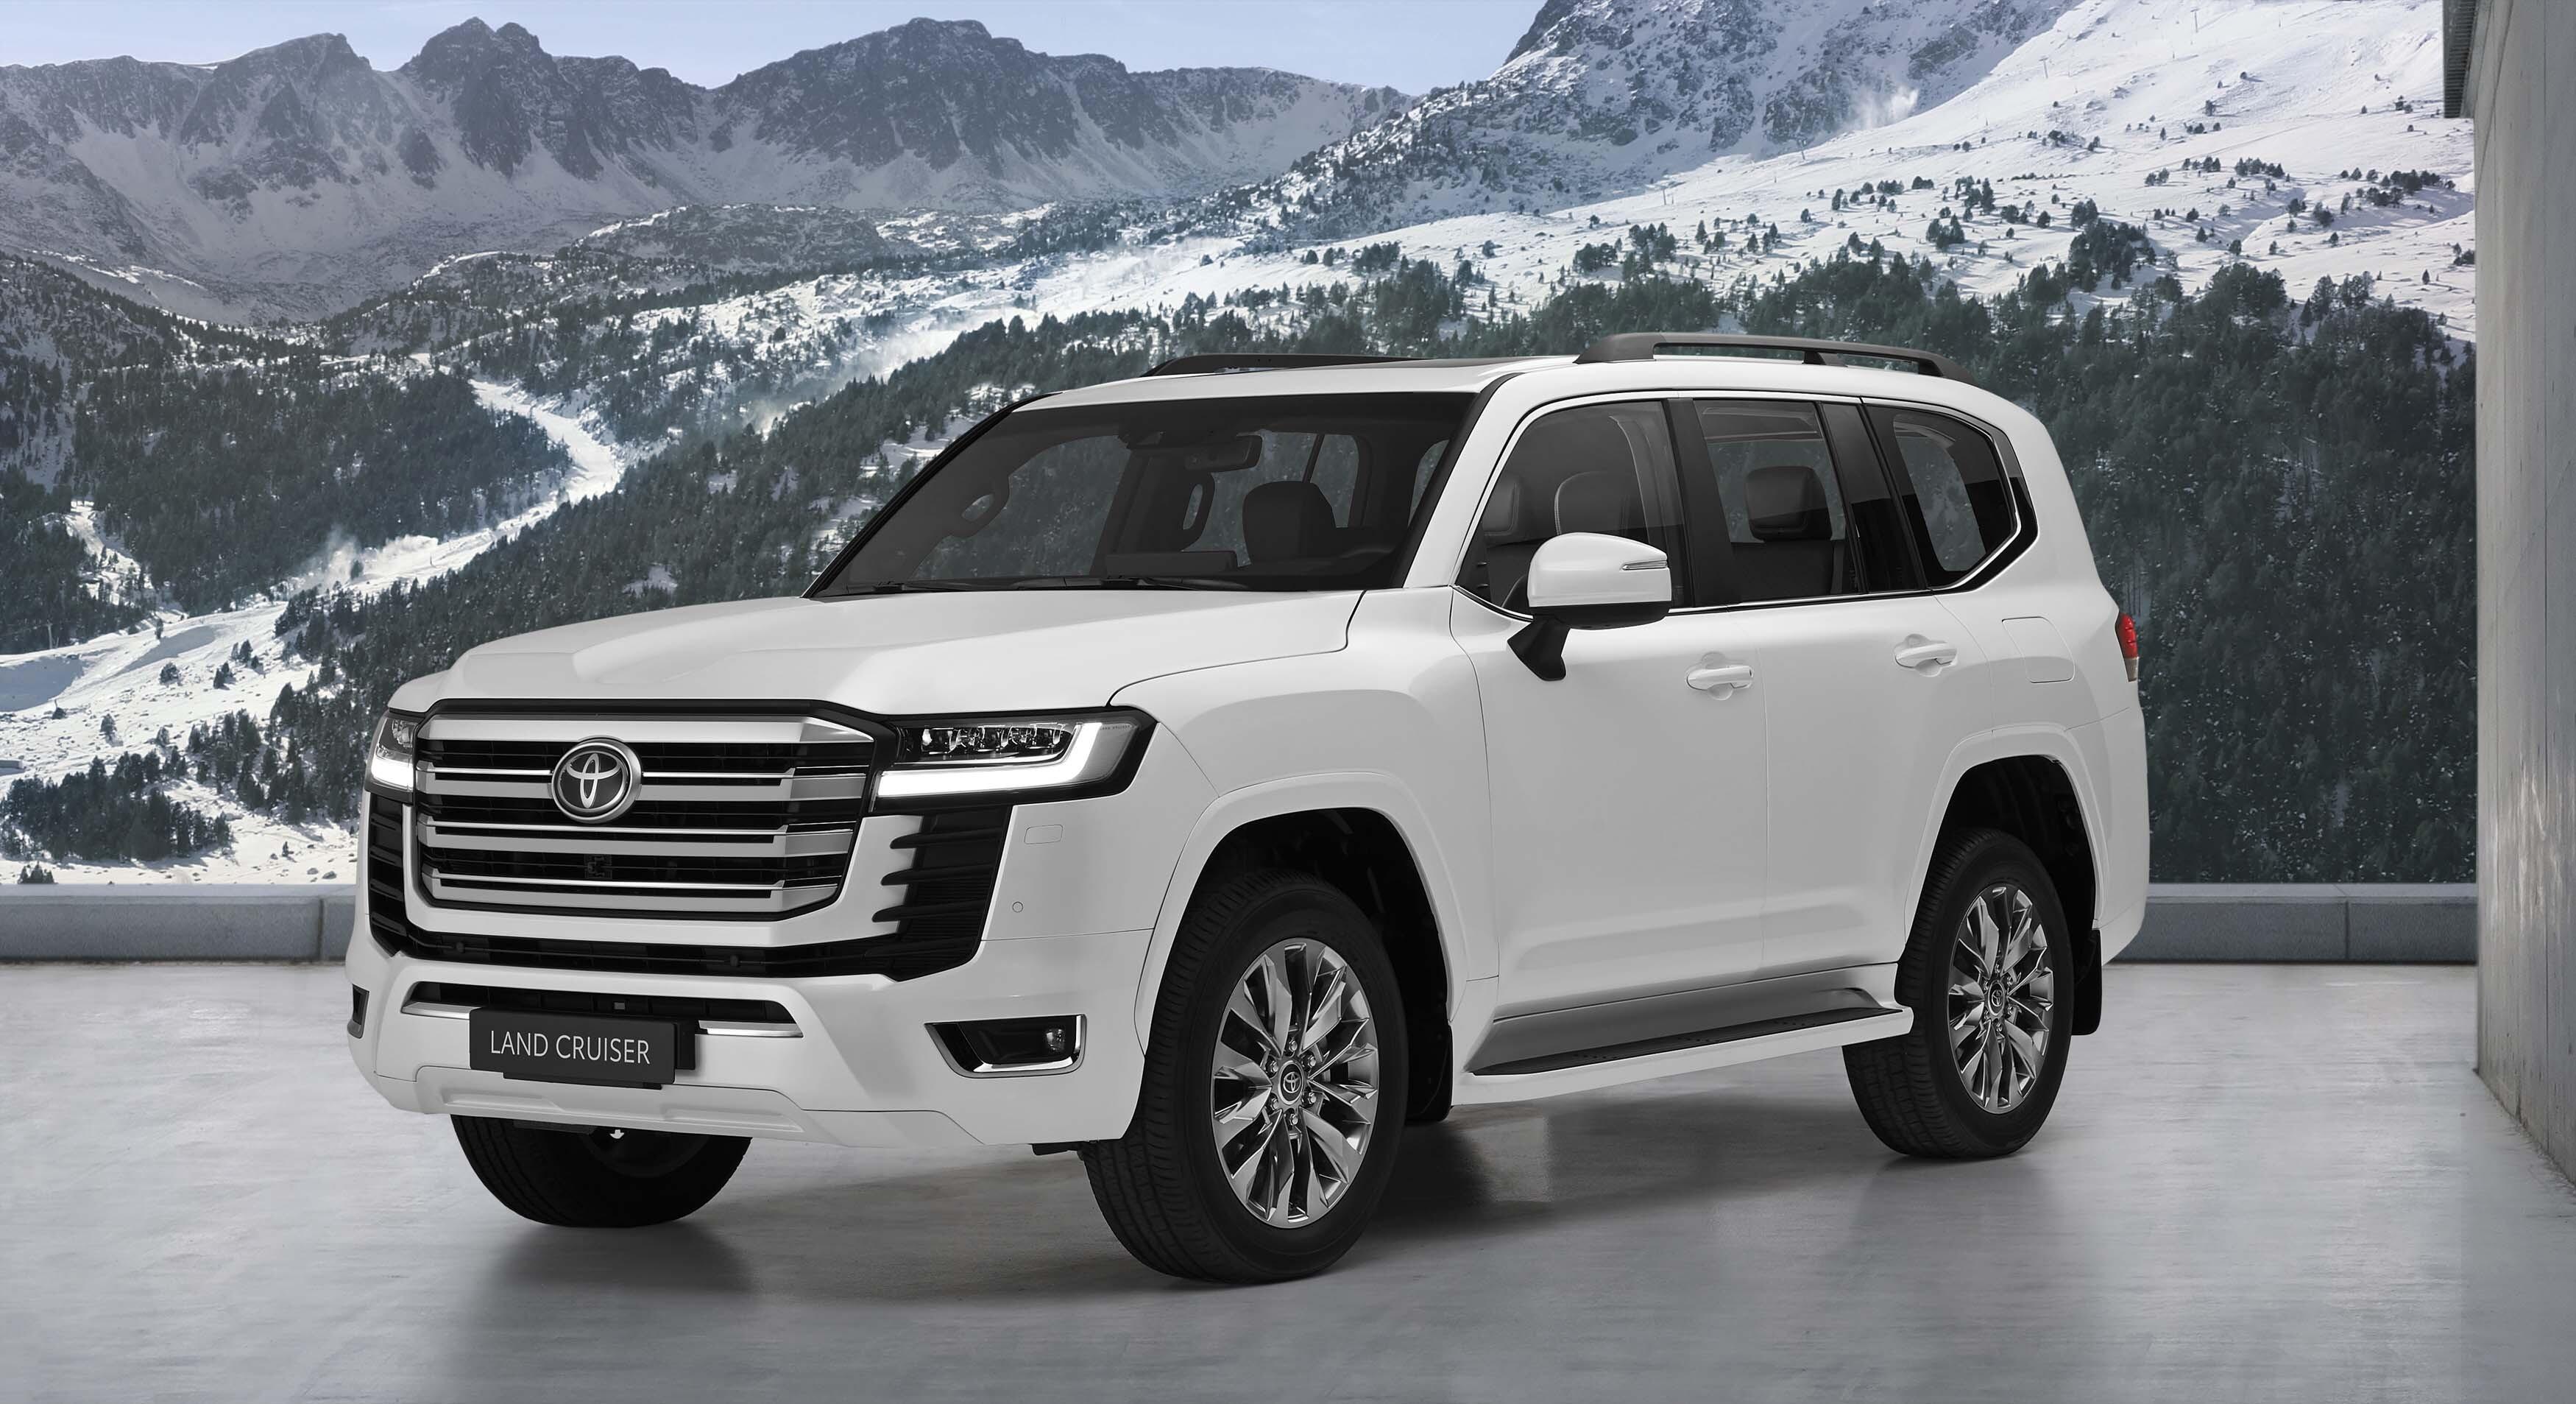 """Toyota yeni nesil """"Land Cruiser'ı"""" tanıttı"""